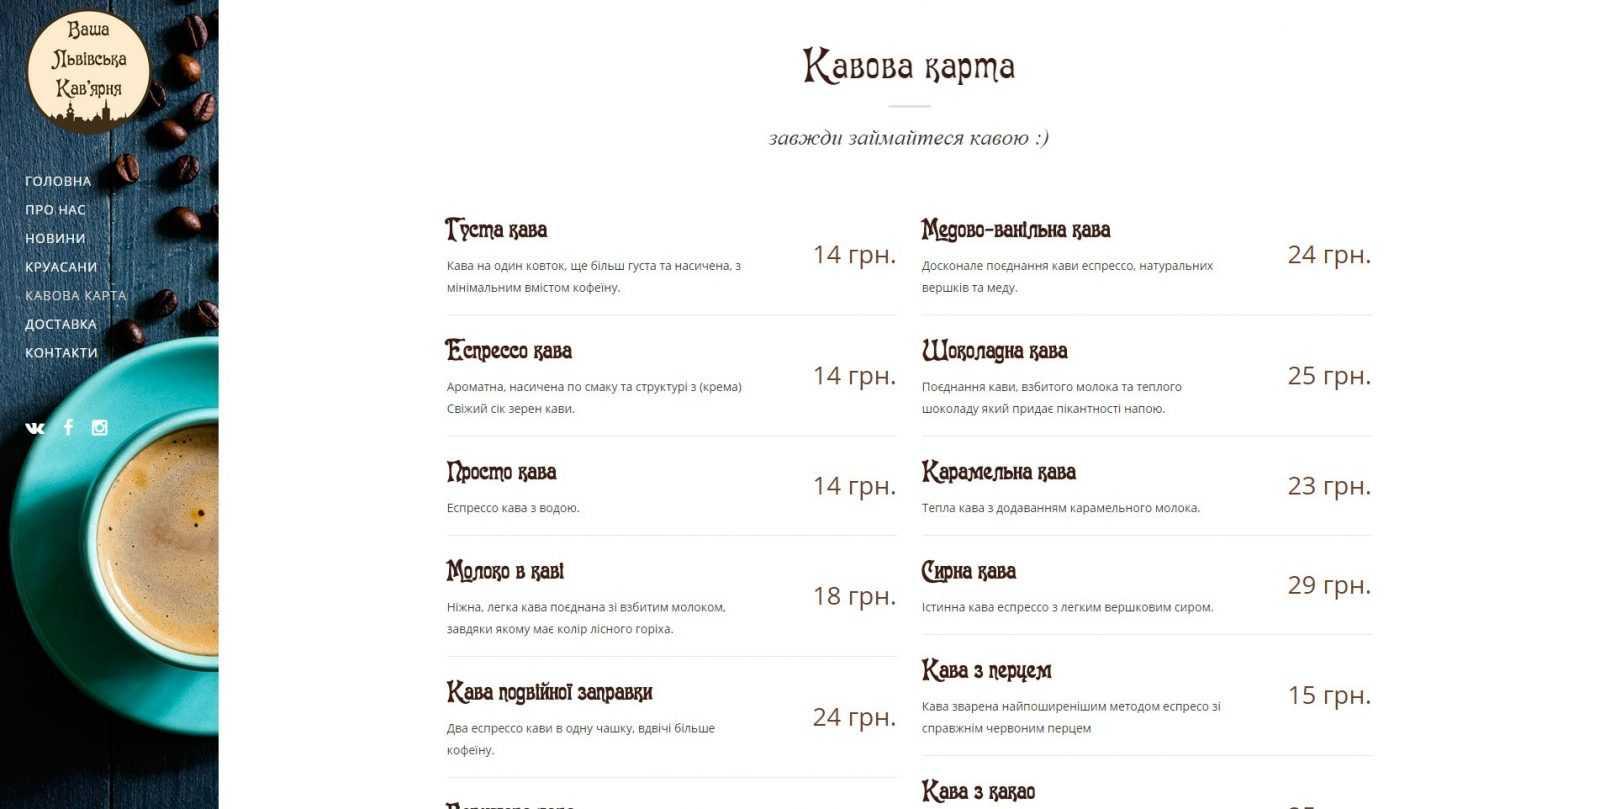 Индивидуальная разработка сайта кофейни. Заказать разработку